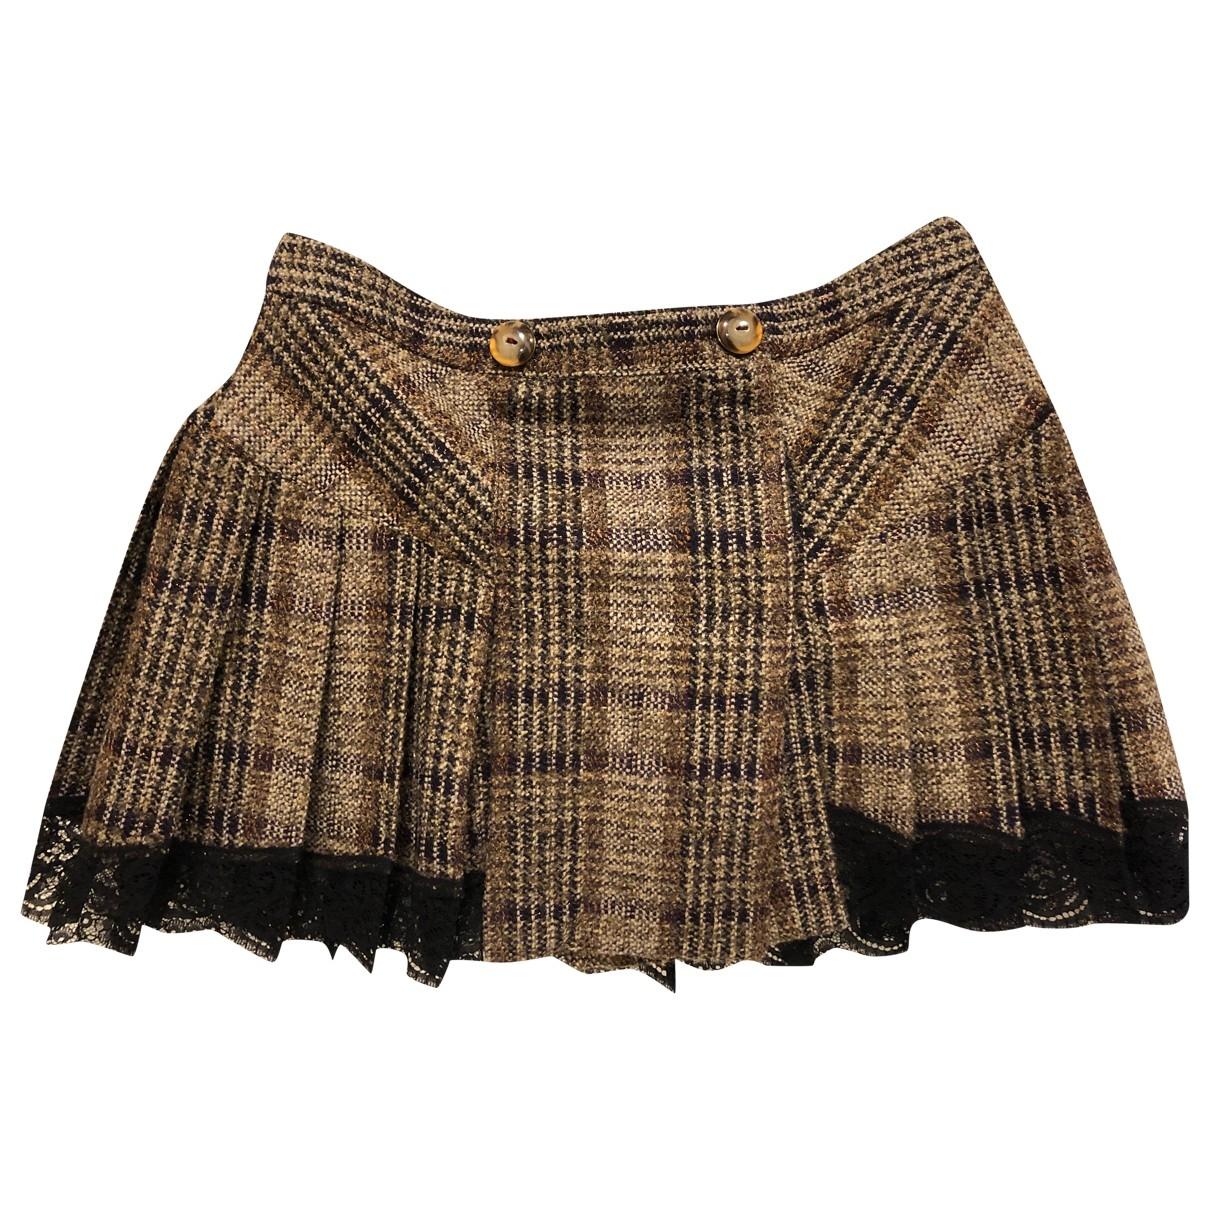 D&g \N Wool skirt for Women 40 IT